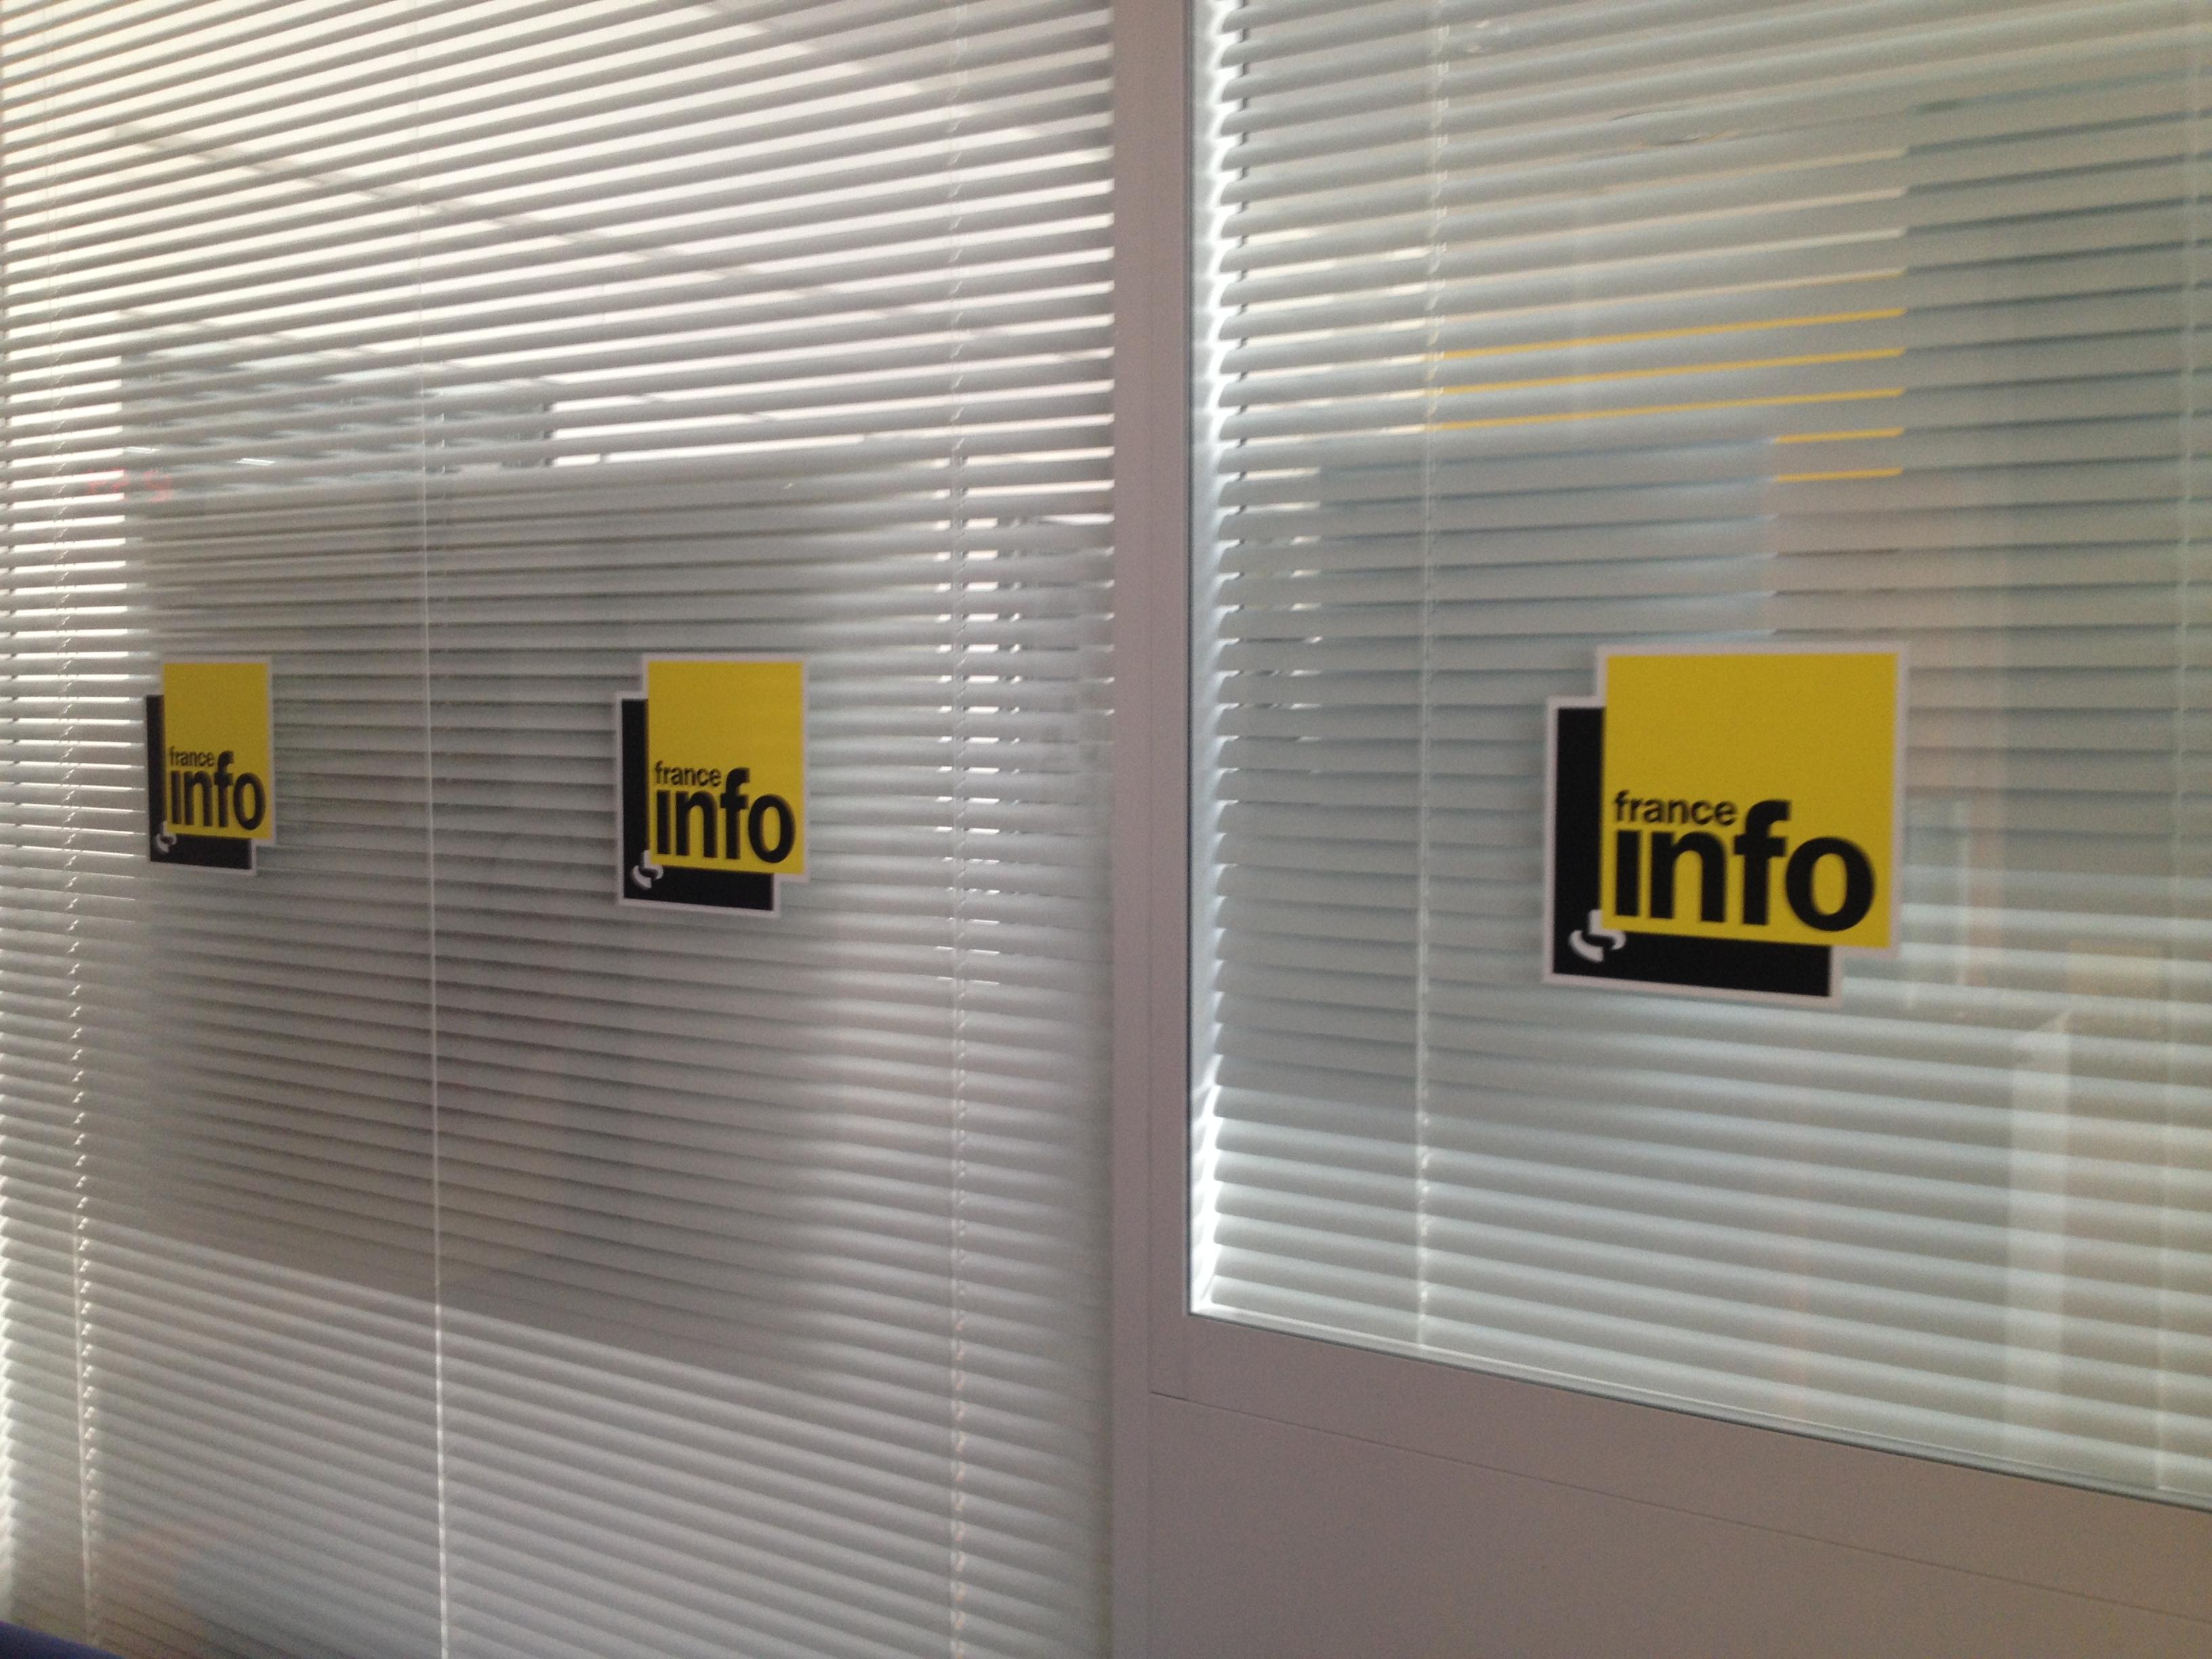 Radio France a consacré 10 144 heures à l'info en 2013